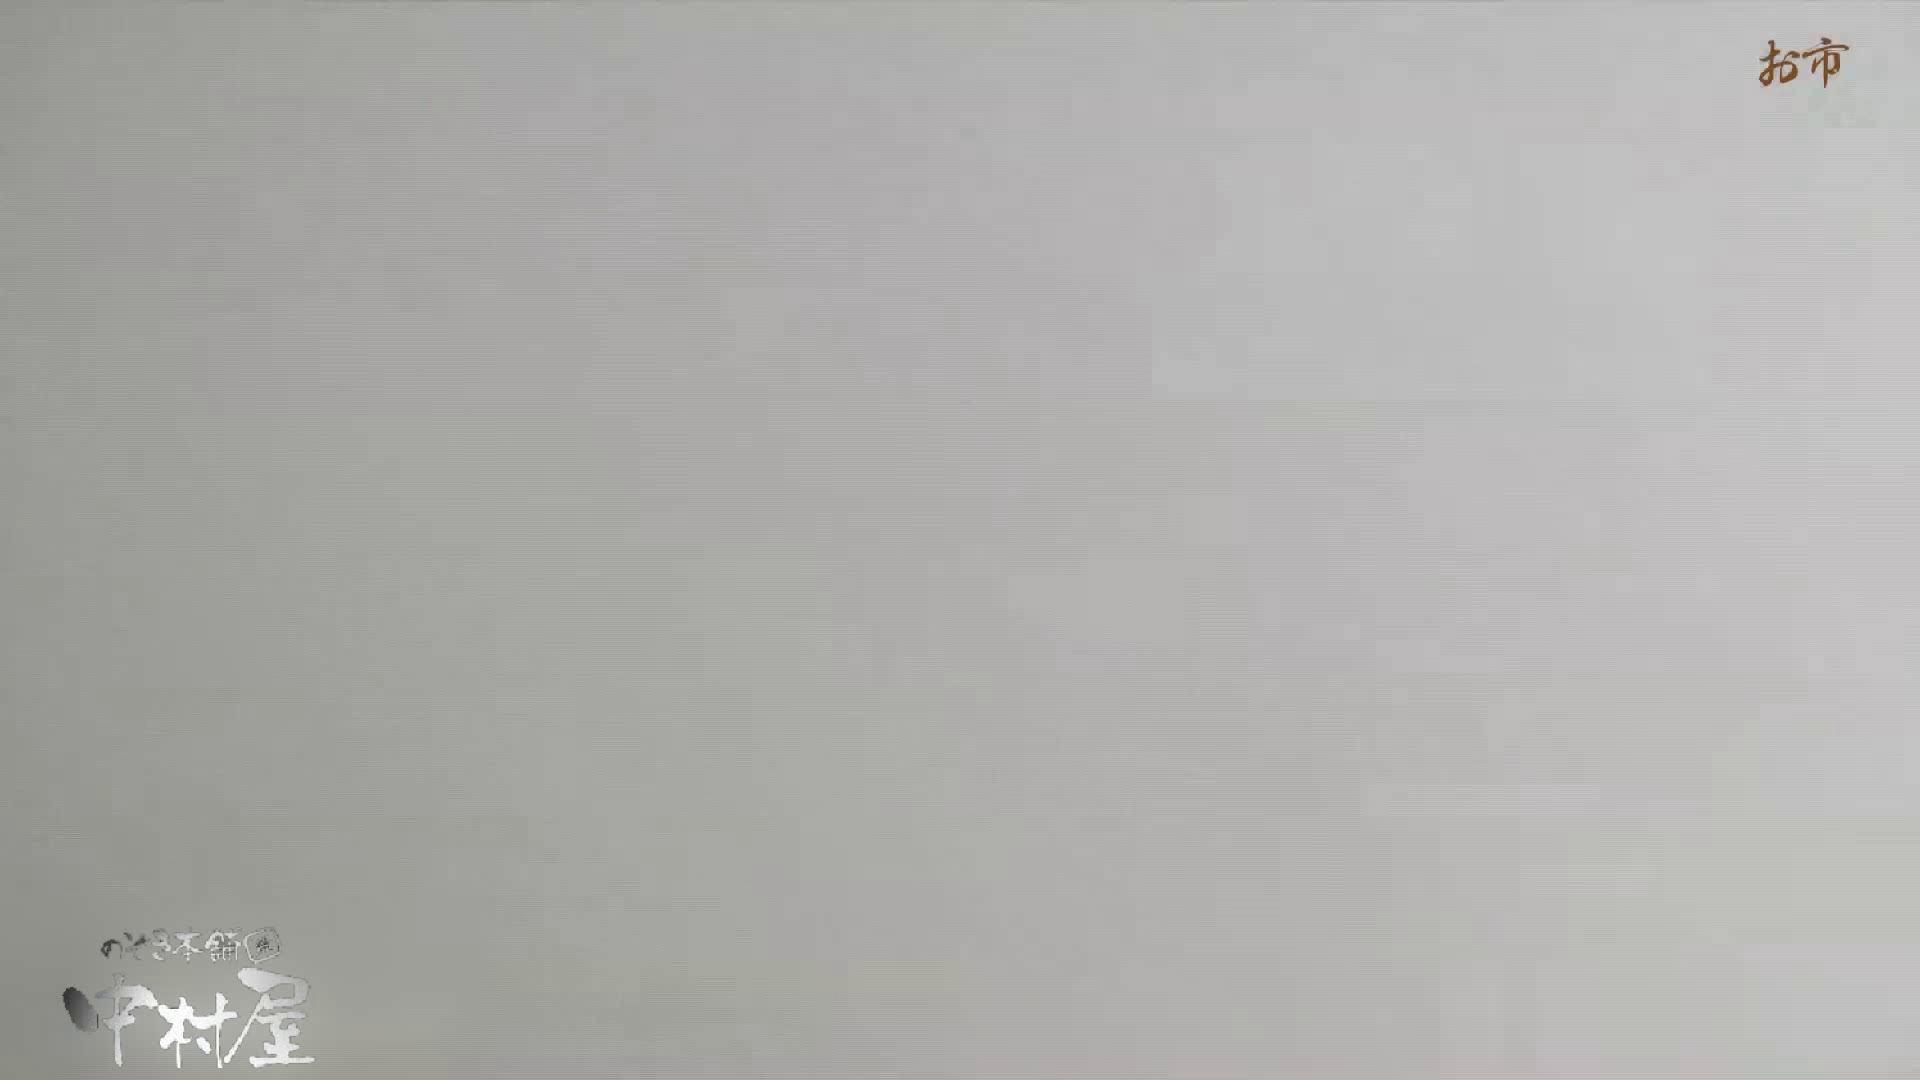 お市さんの「お尻丸出しジャンボリー」No.17 覗き 盗撮オマンコ無修正動画無料 106PICs 20